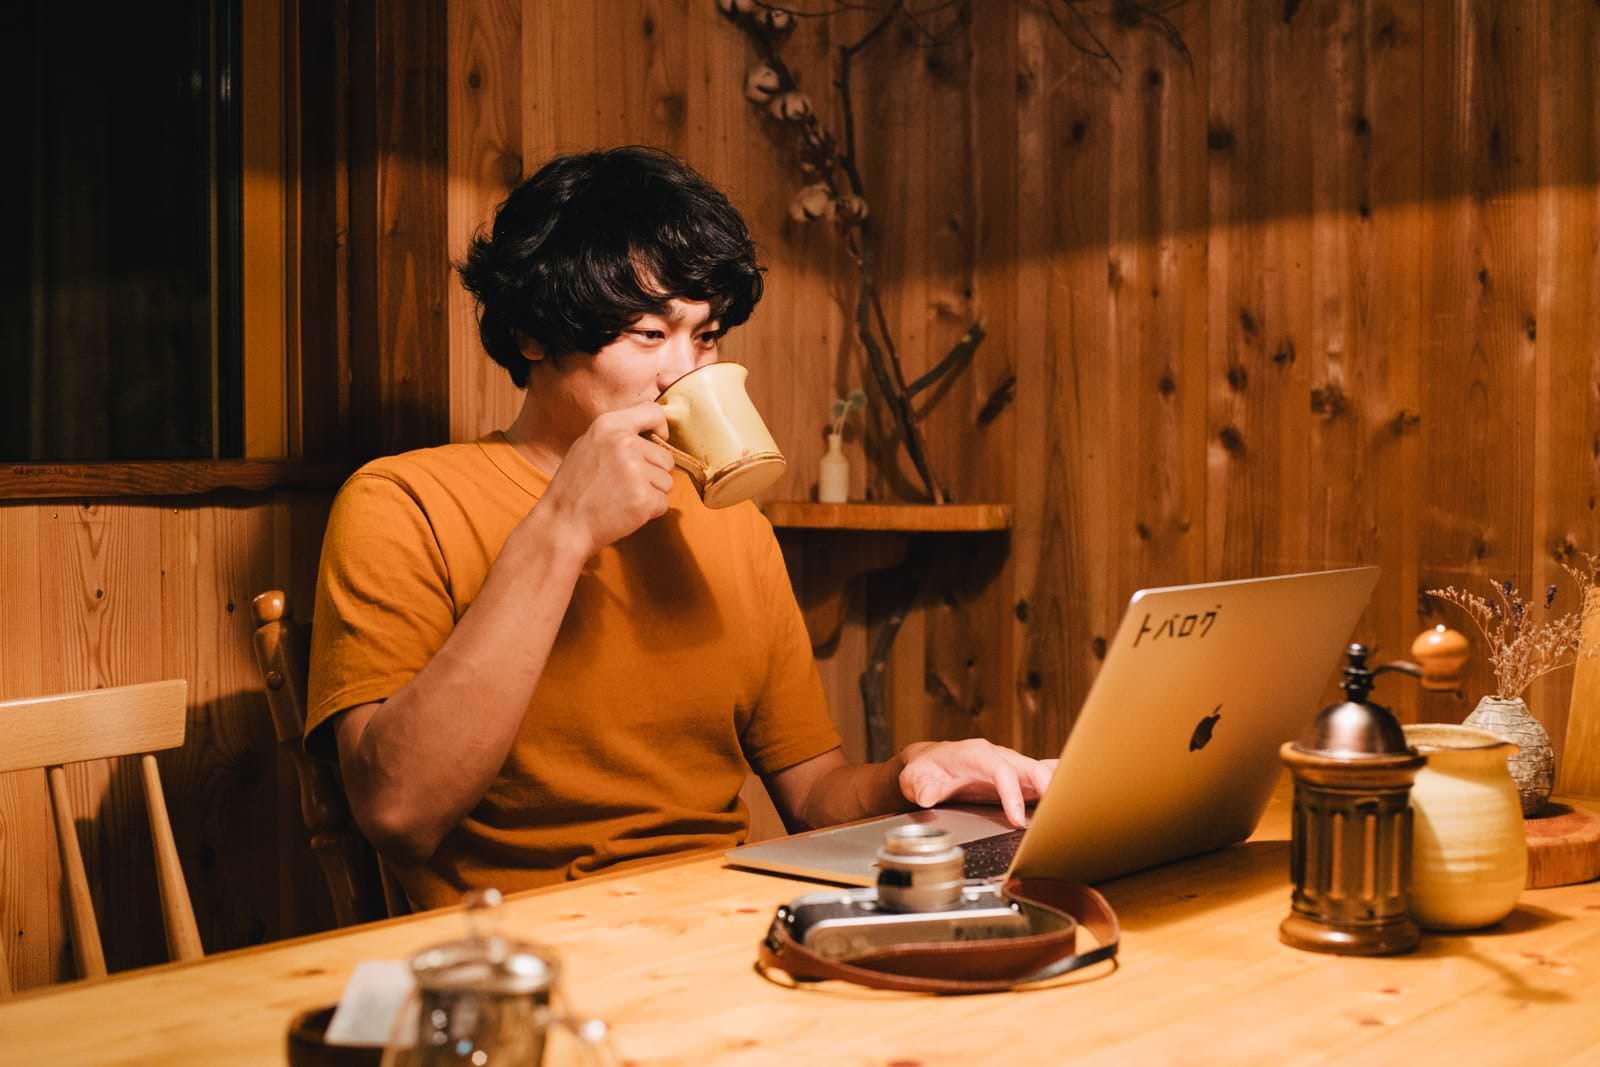 コーヒーを飲みながらブログを書いたり